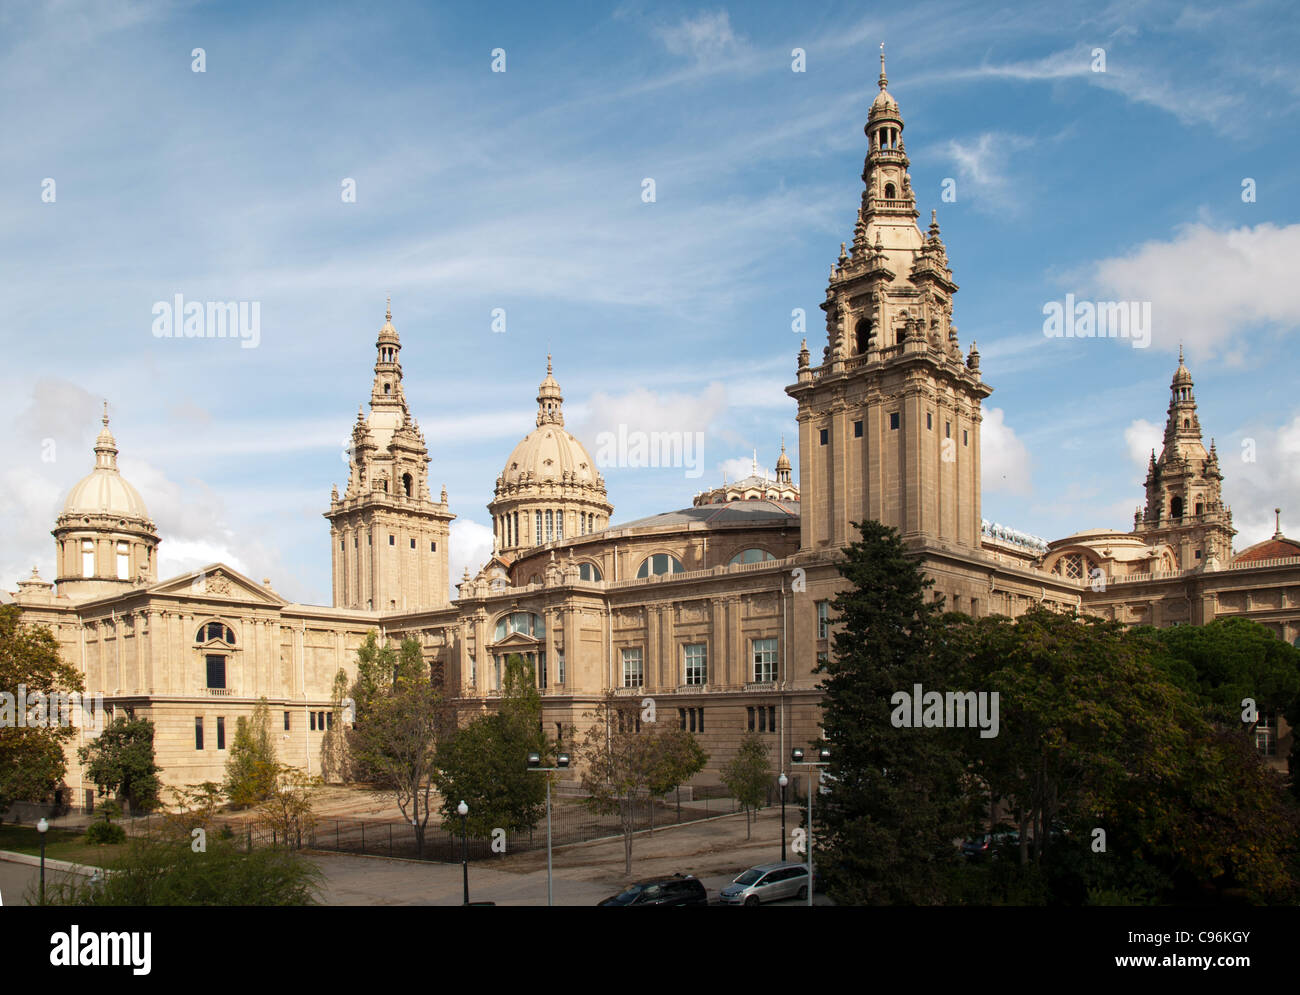 The Palau Nacional, home to the MNAC or Museu Nacional d'Art de Catalunya (National Art Museum of Catalonia), - Stock Image